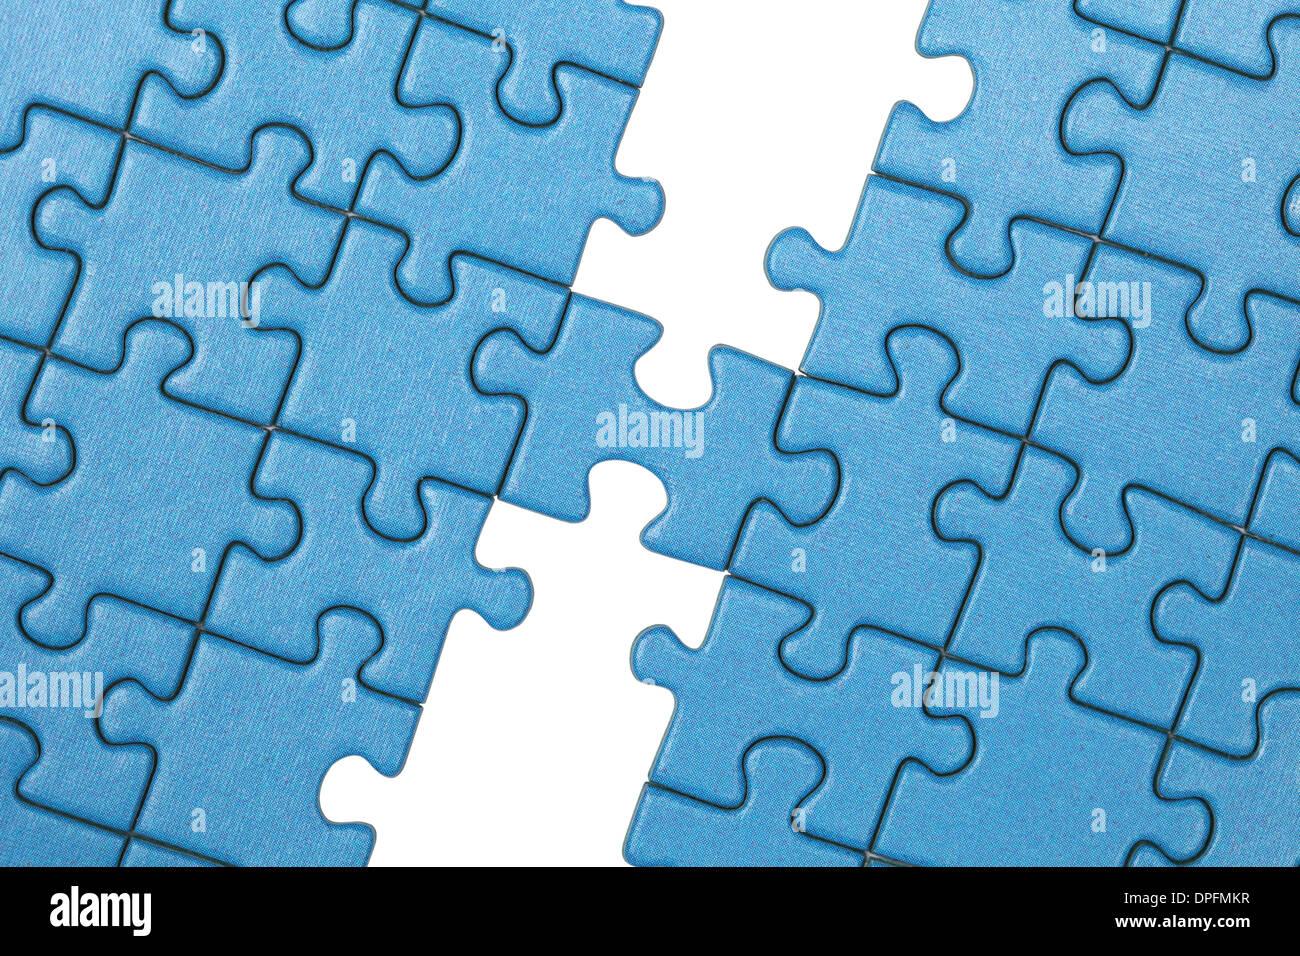 Image symbolique montrant la liaison entre deux pièces à l'aide d'un puzzle Photo Stock